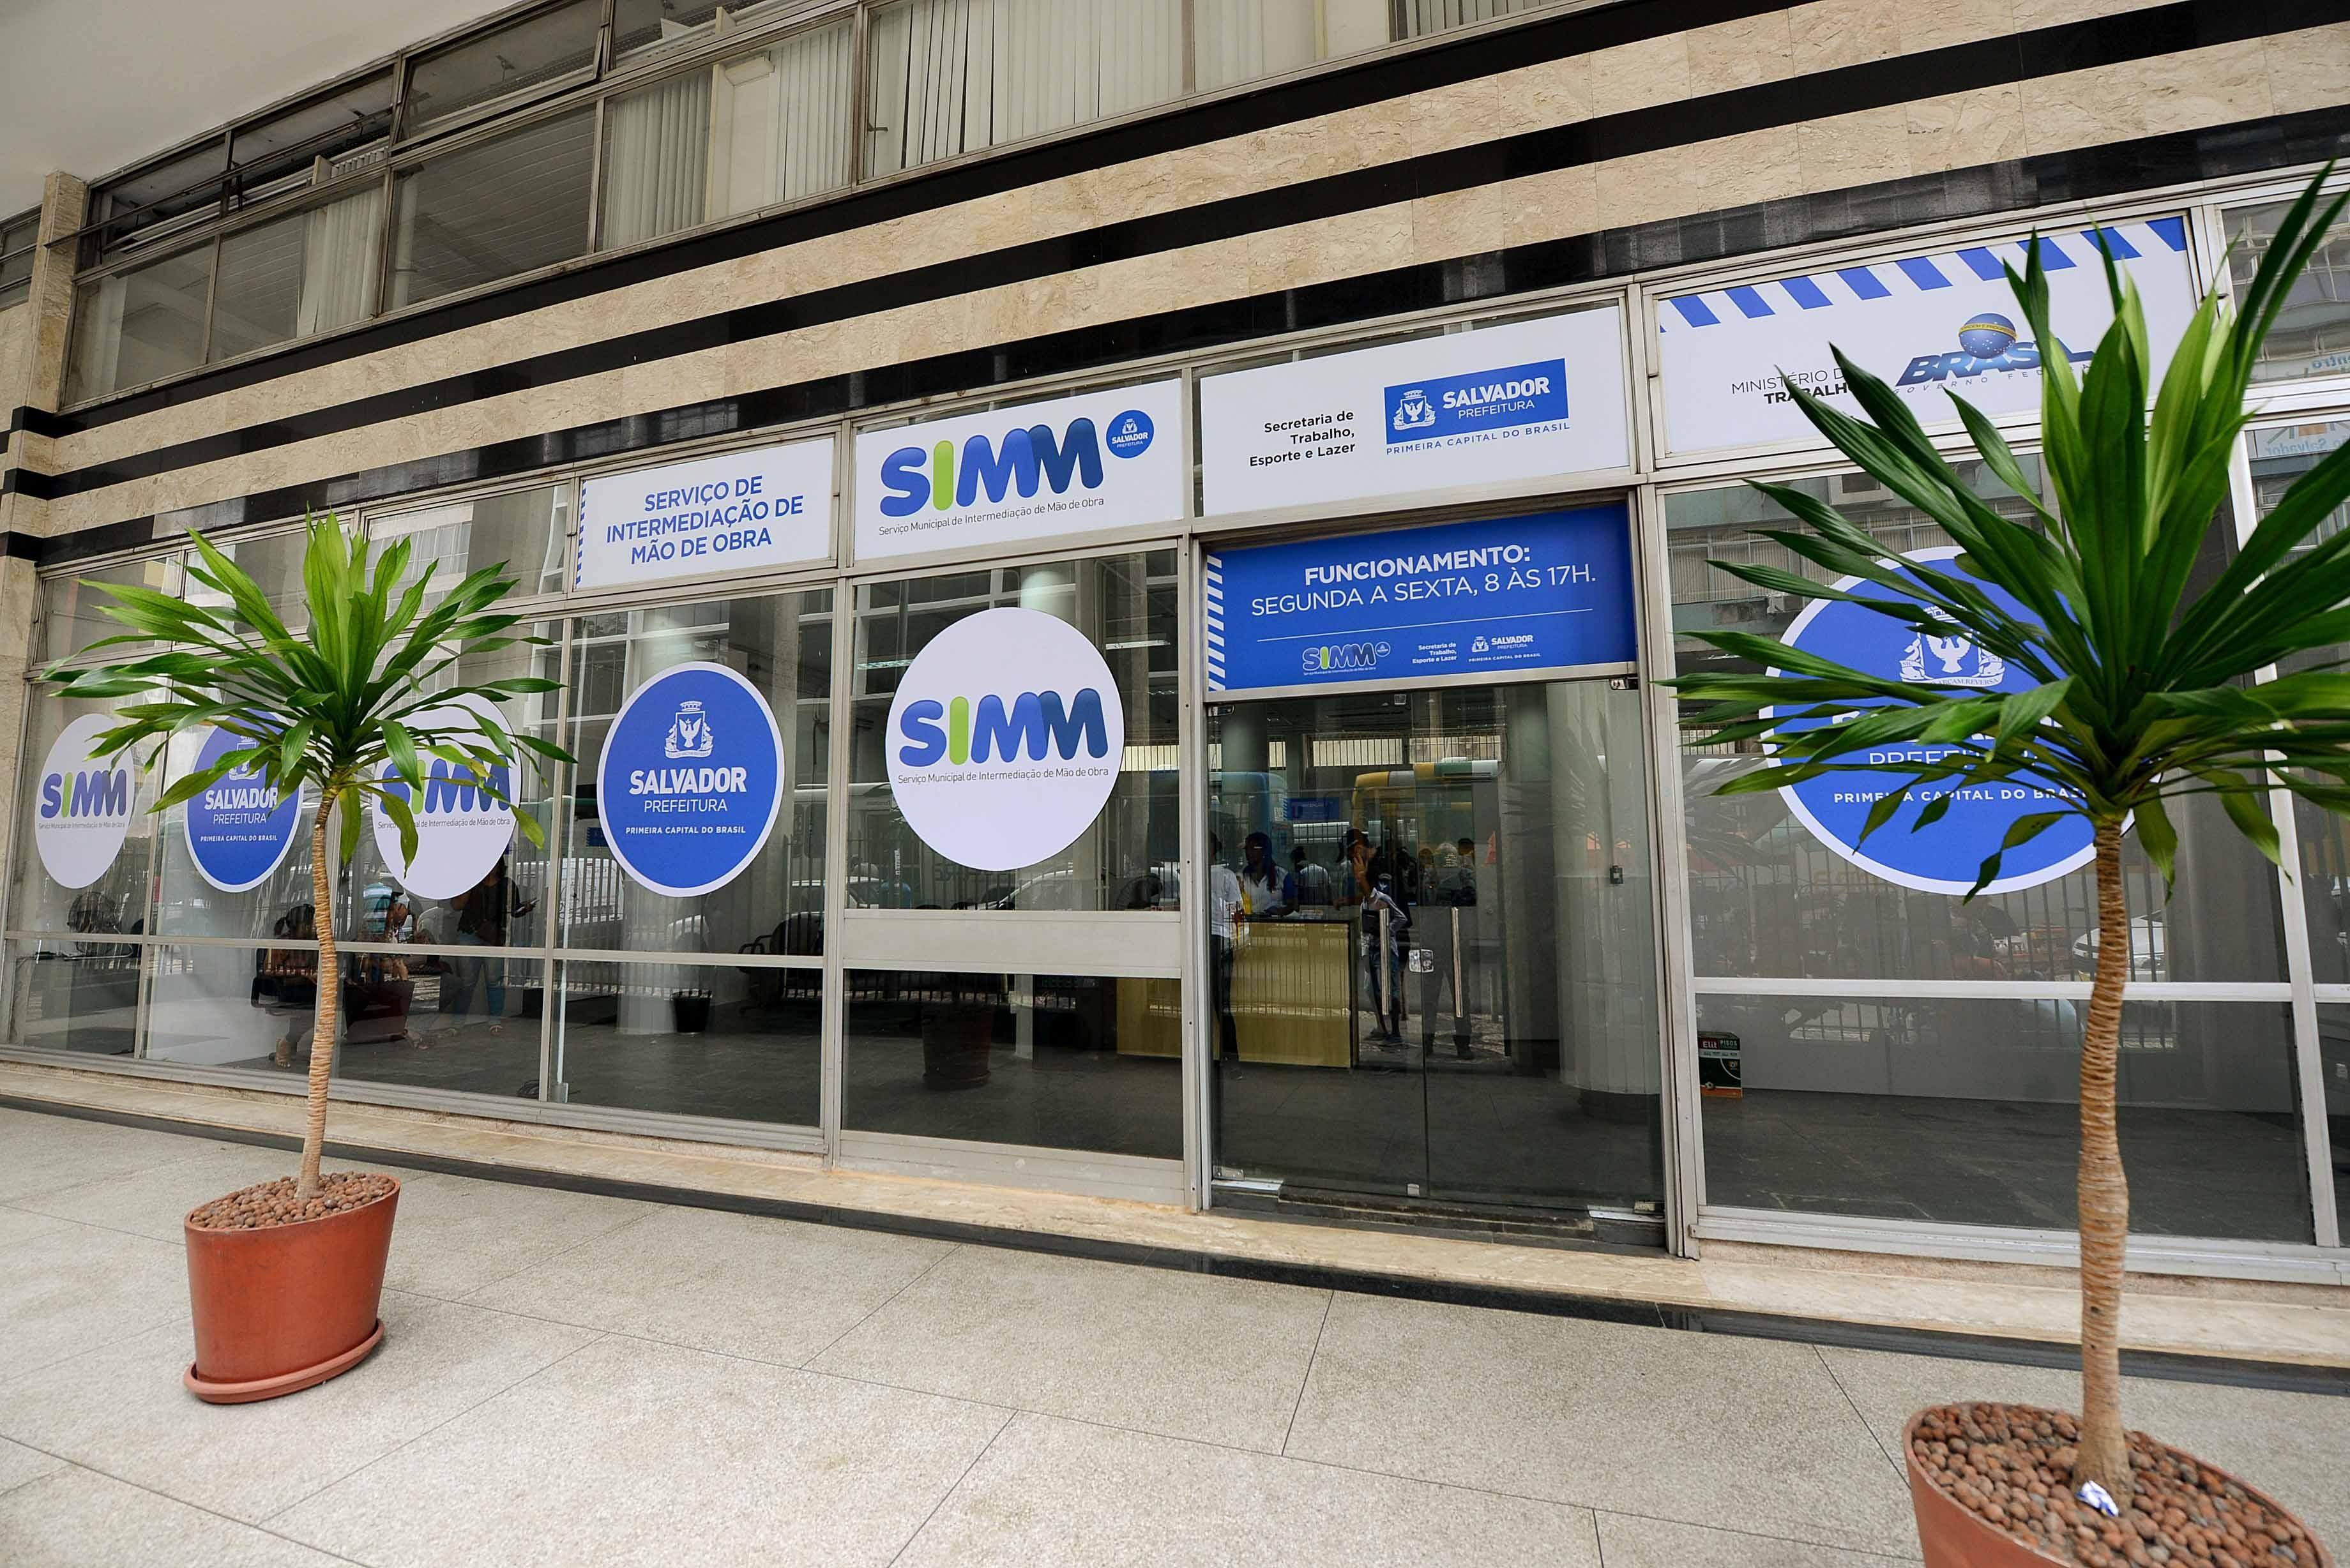 Simm oferece 32 vagas de emprego para sexta-feira através de agendamento eletrônico; confira